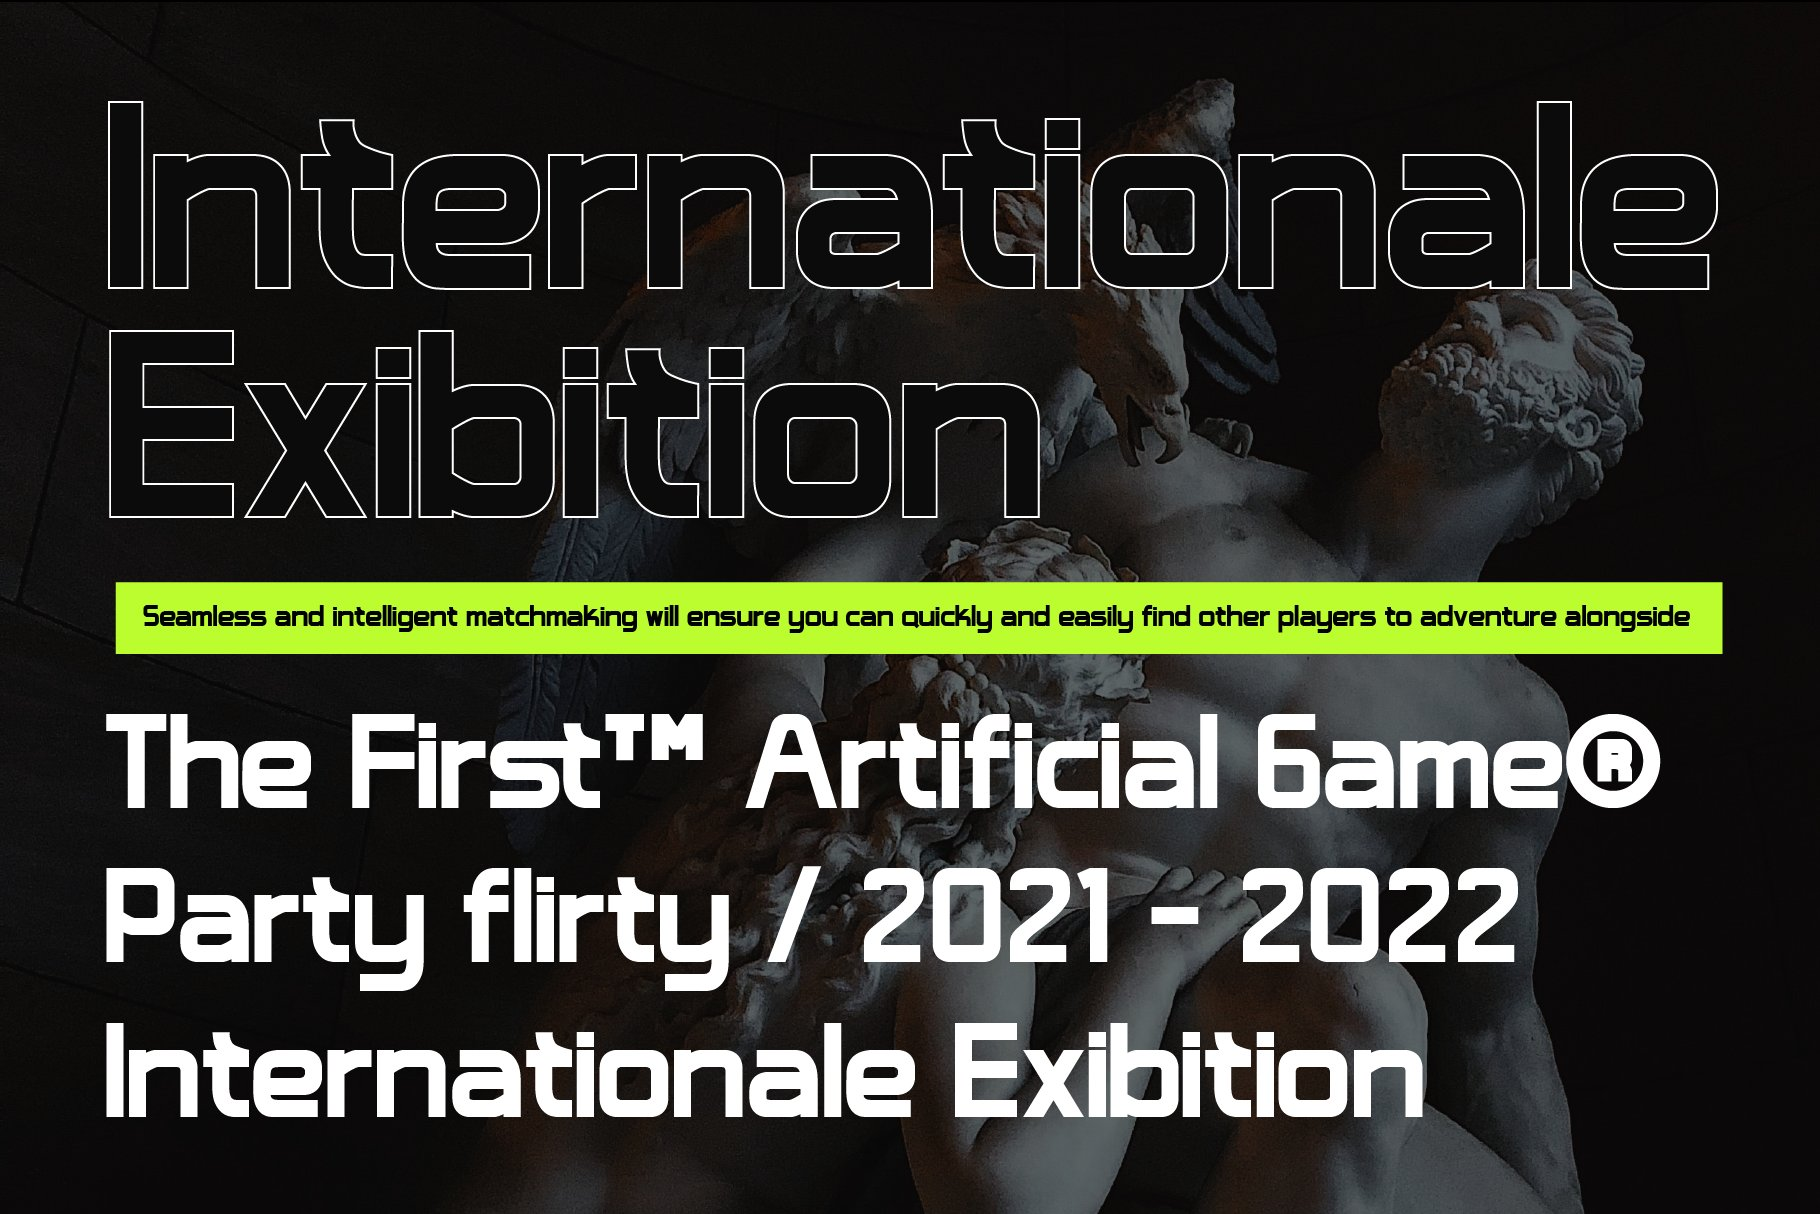 [单独购买] 潮流未来科技酸性艺术海报标题品牌Logo设计无衬线英文字体素材 Studio Grotesk Font插图7